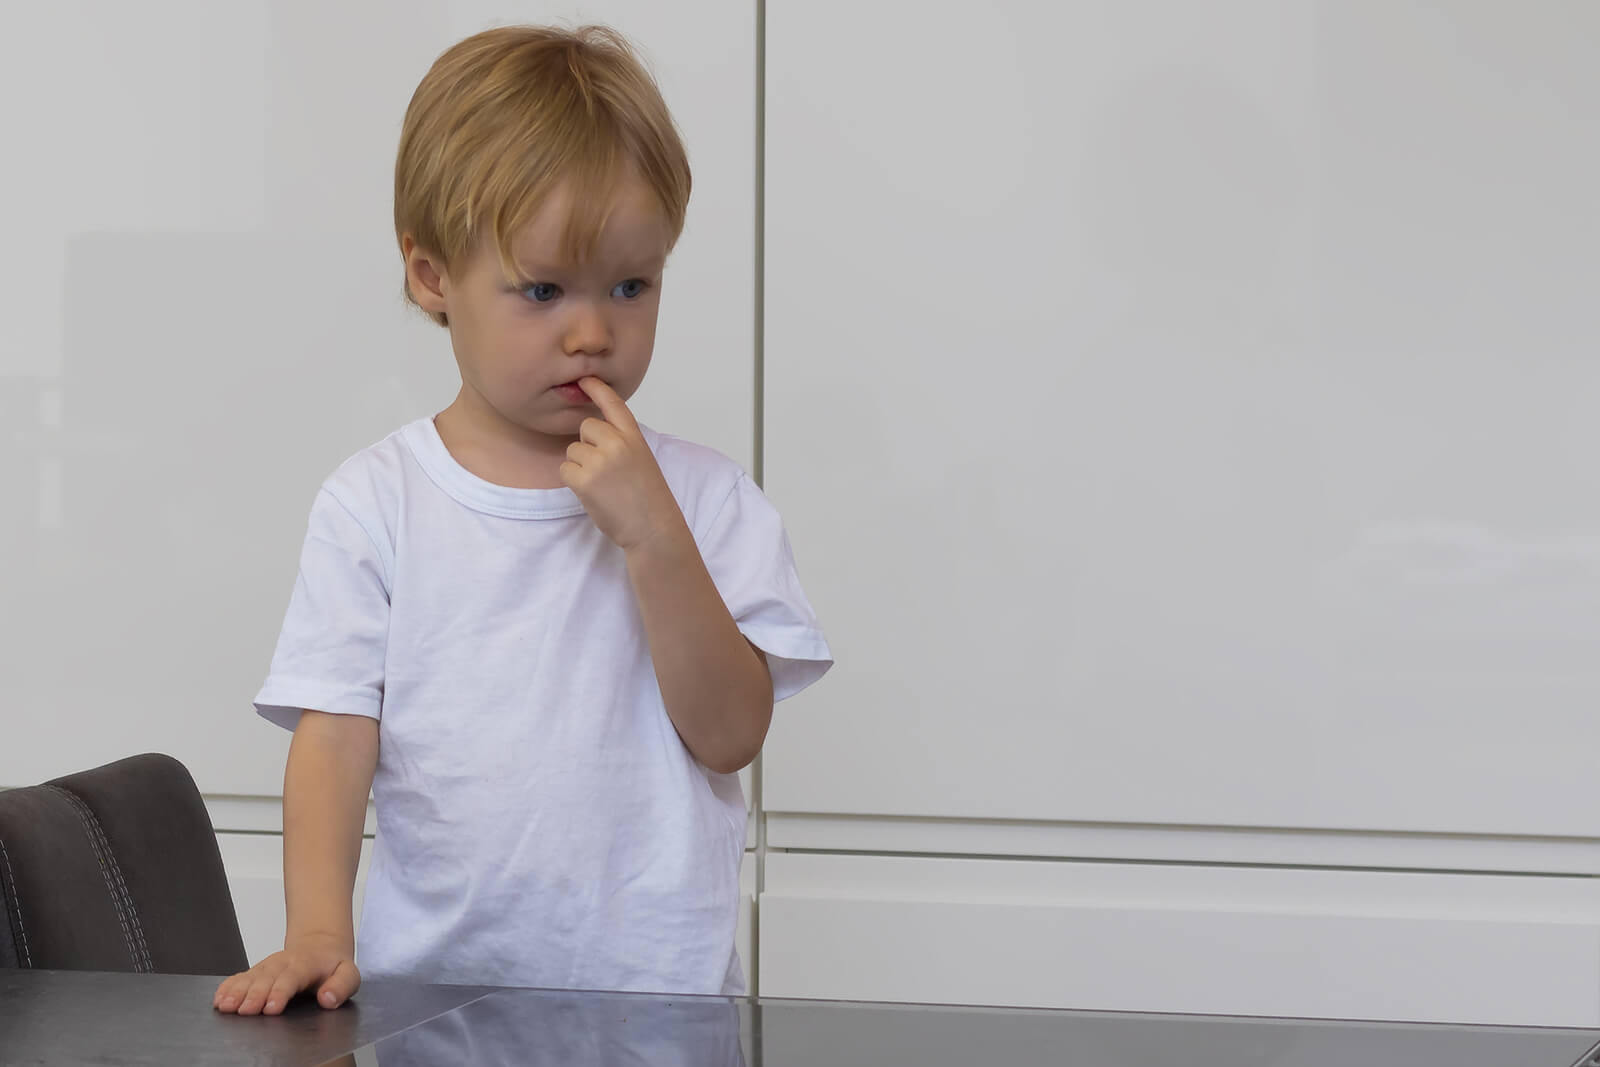 Niño con el dedo en la boca porque sufre ansiedad.